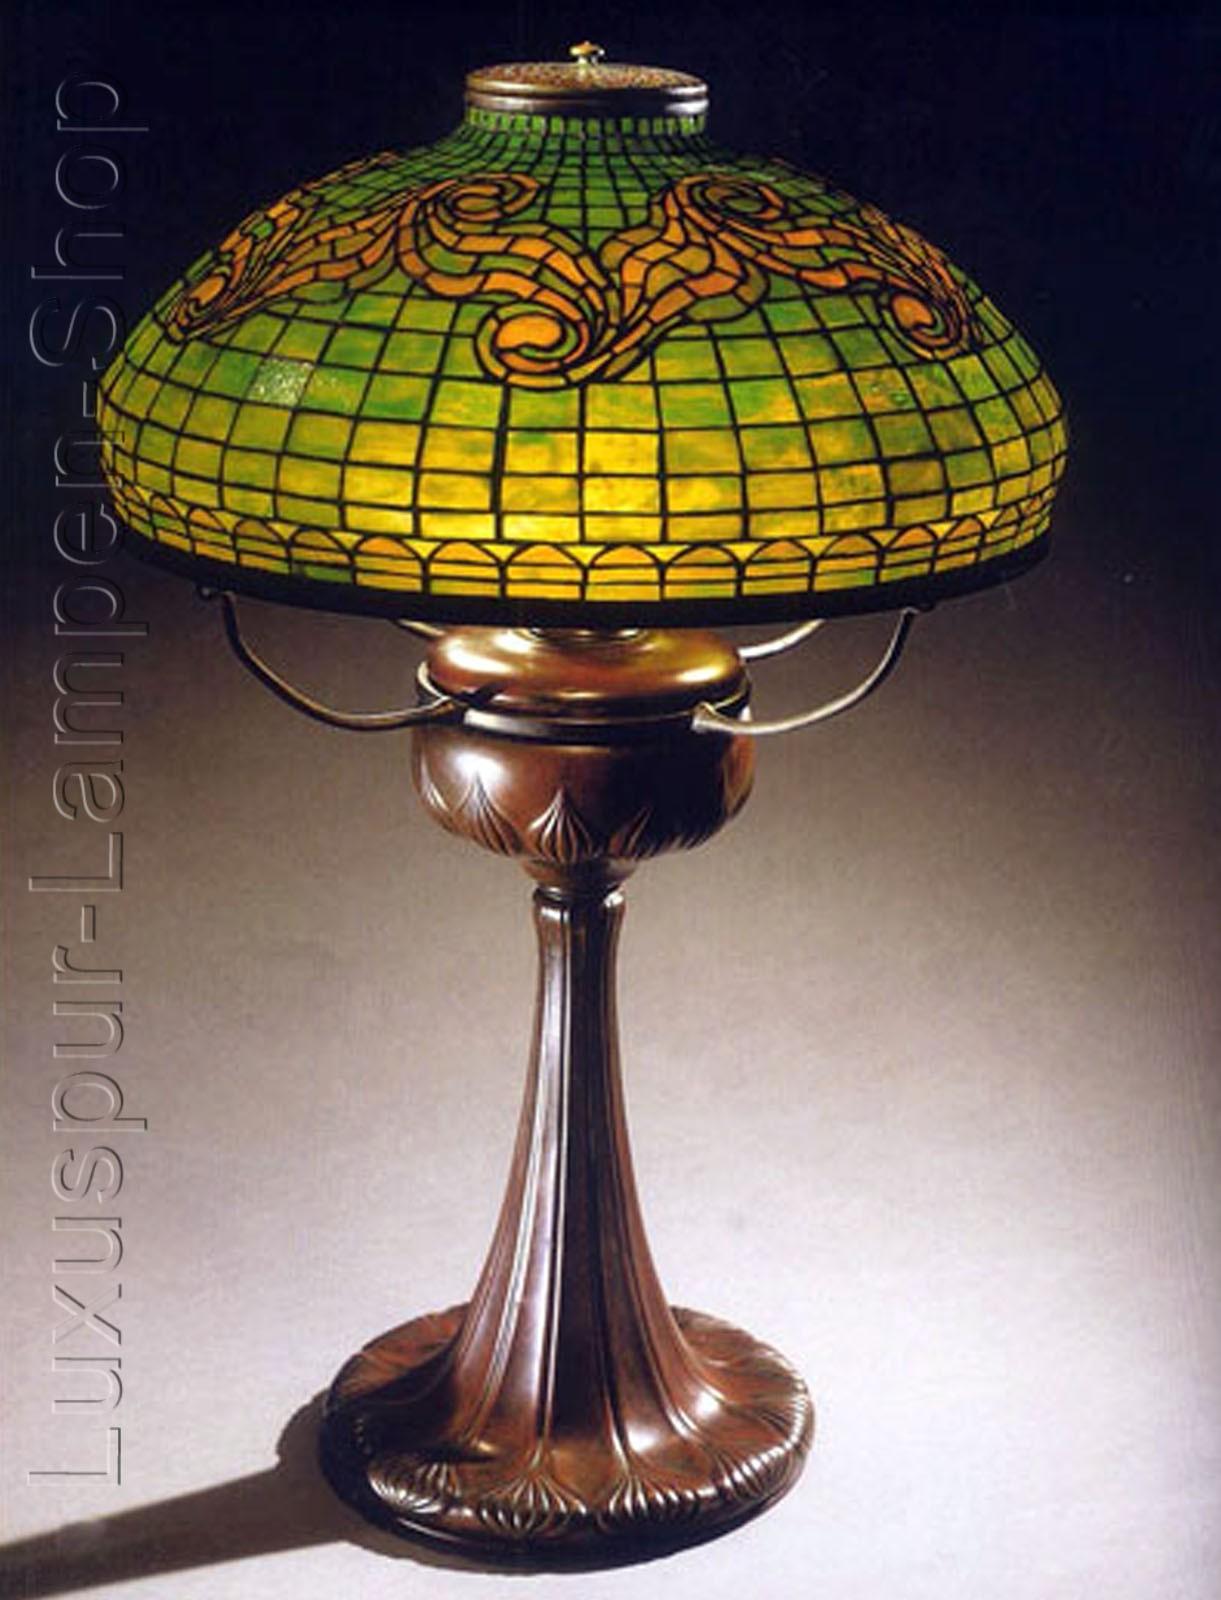 tischlampe replikat einer tiffany lampe im design dragon mit braunem lampenfu aus bronze in. Black Bedroom Furniture Sets. Home Design Ideas